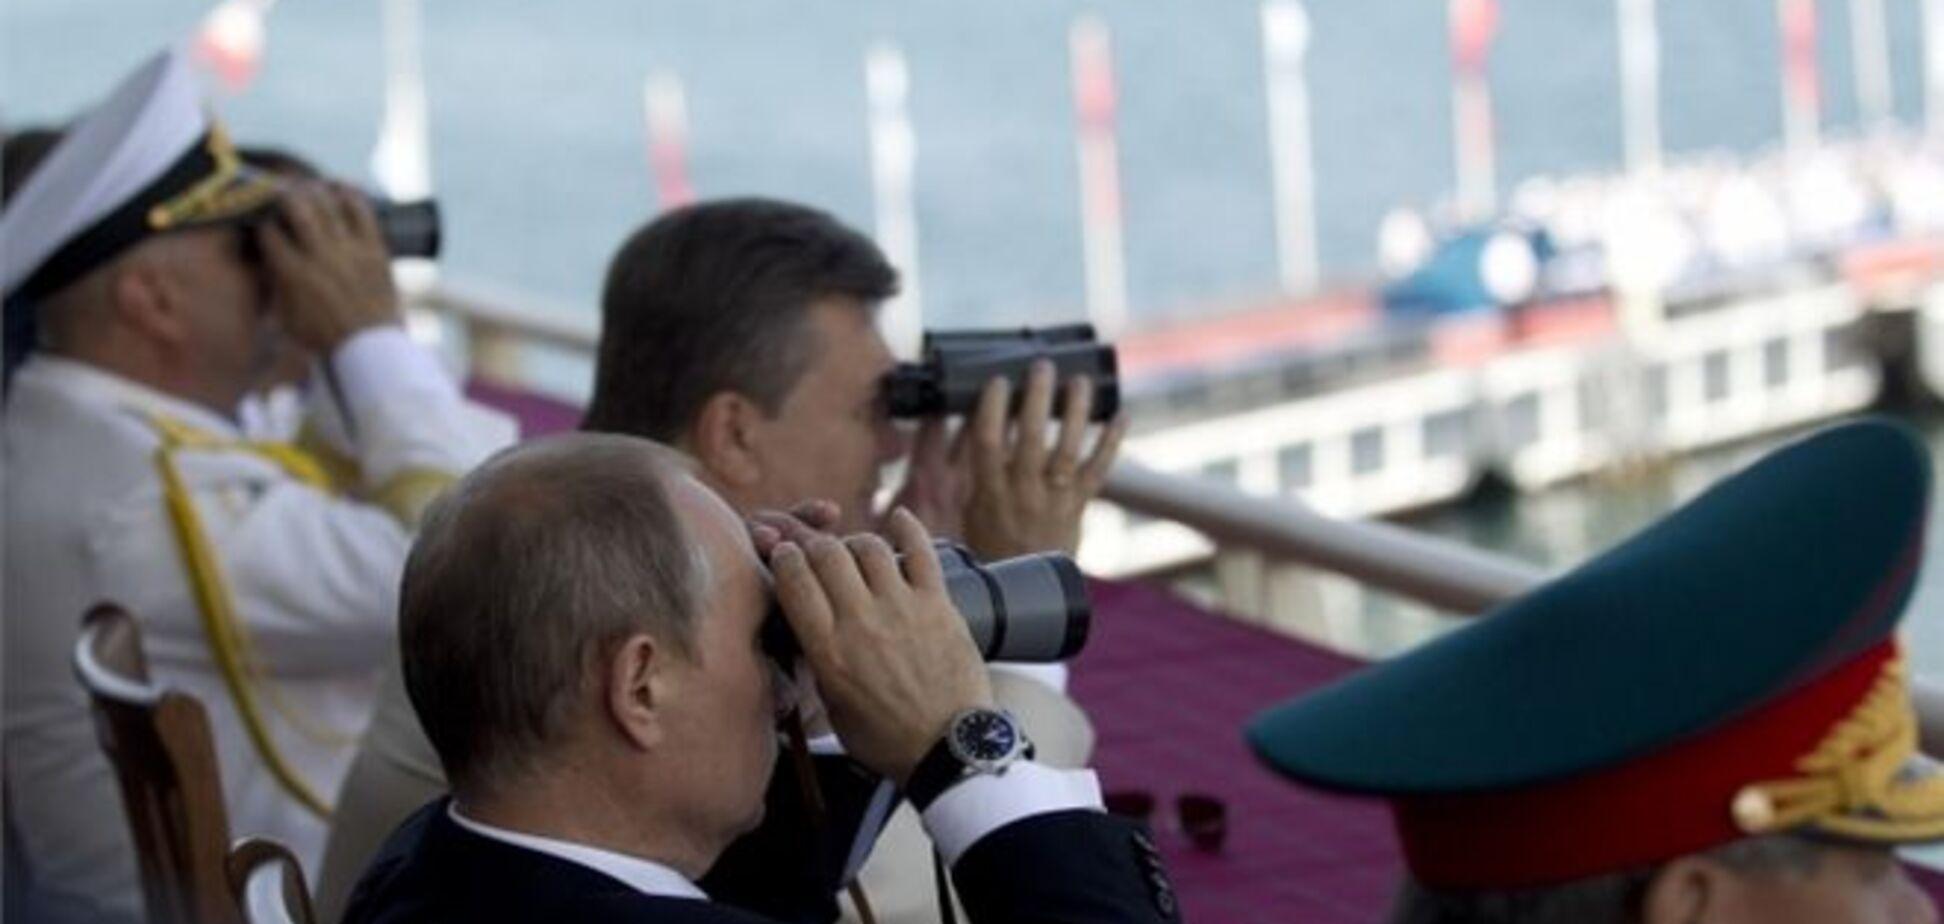 Мимо кассы: итоги визита Путина в Украину